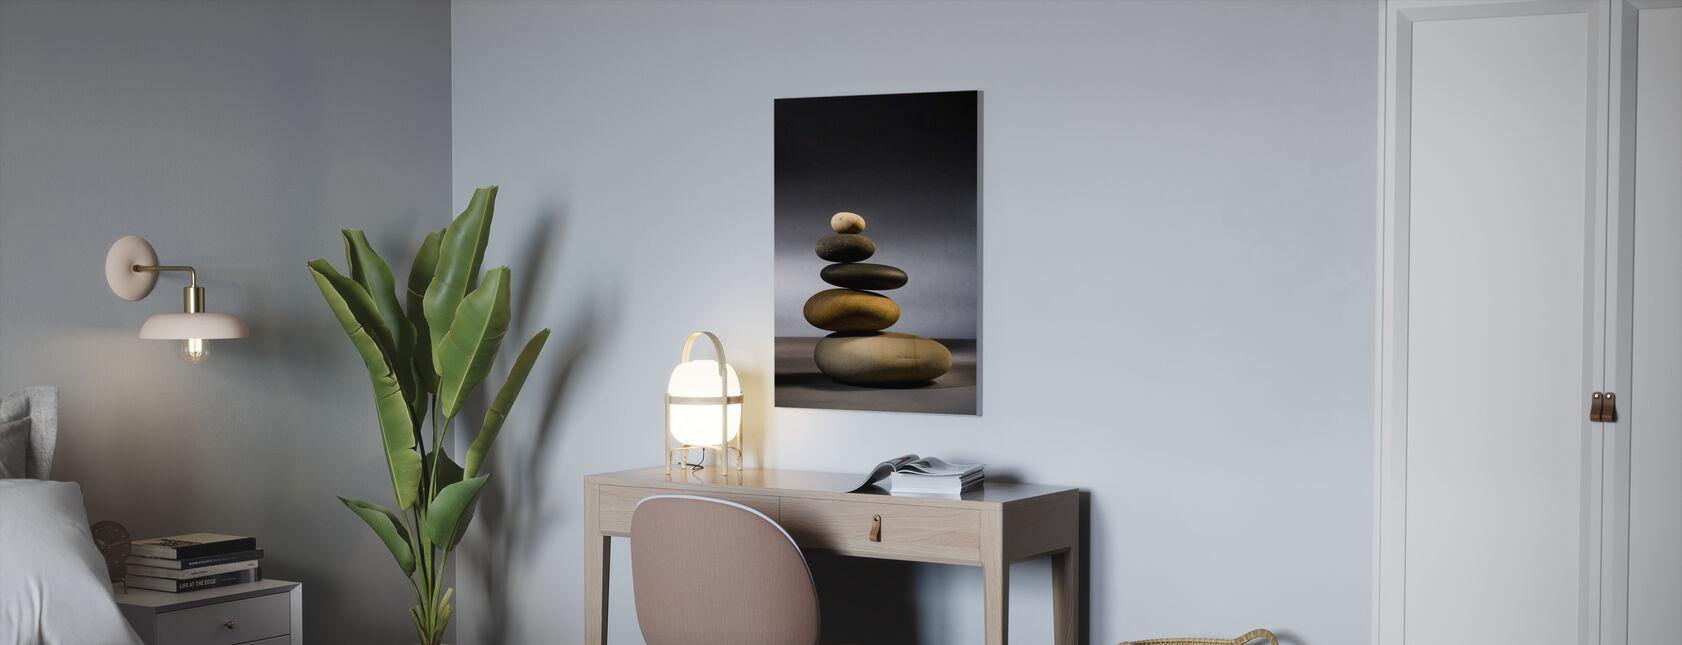 Stones in Zen Balance - Canvas print - Office